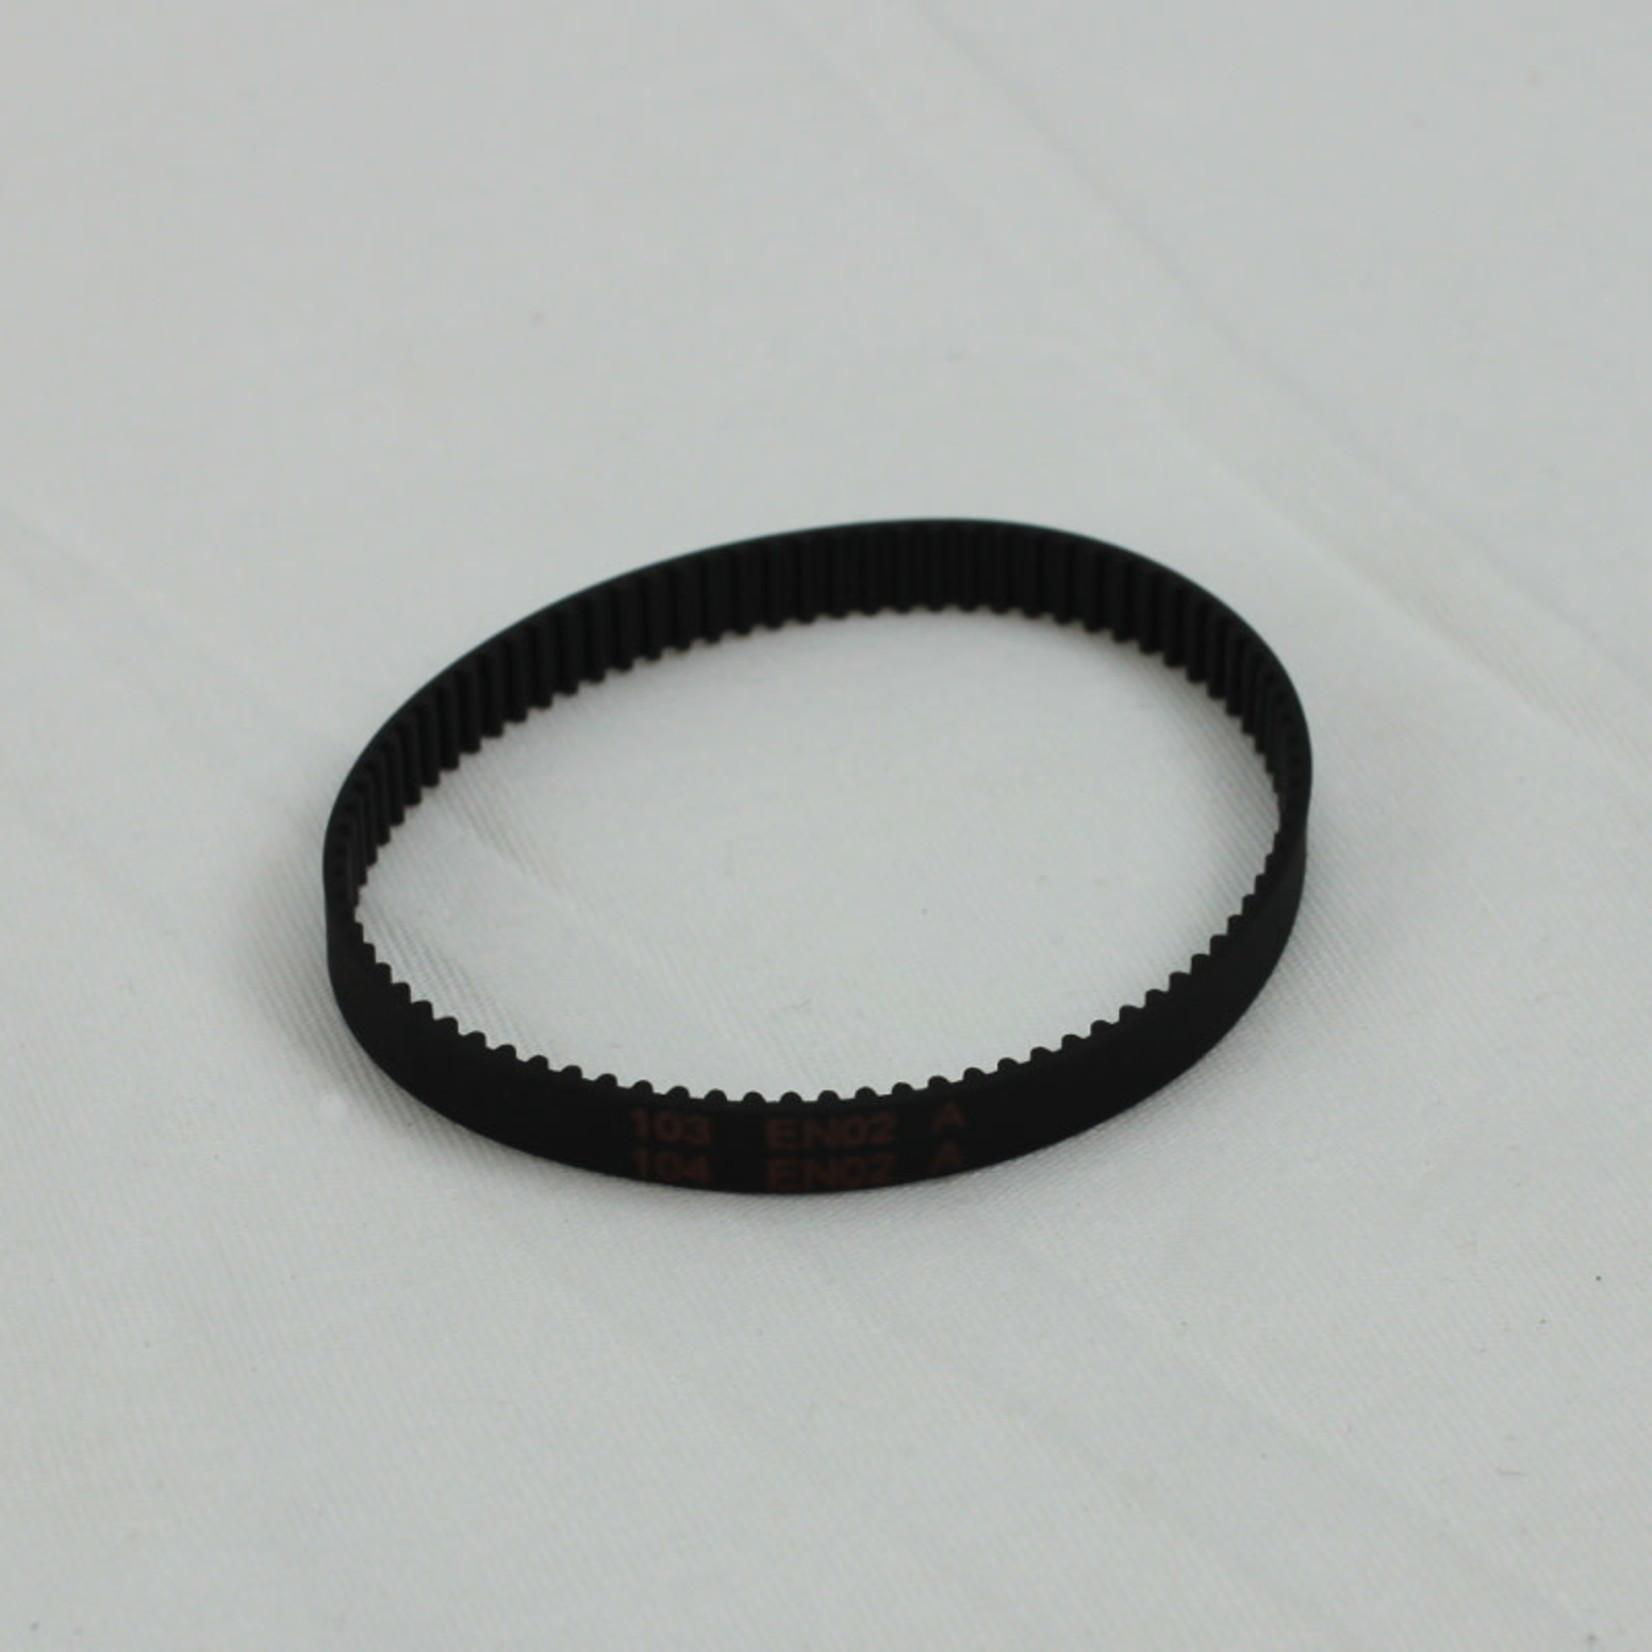 TTI Dirt Devil Geared Belt Fits UD70150